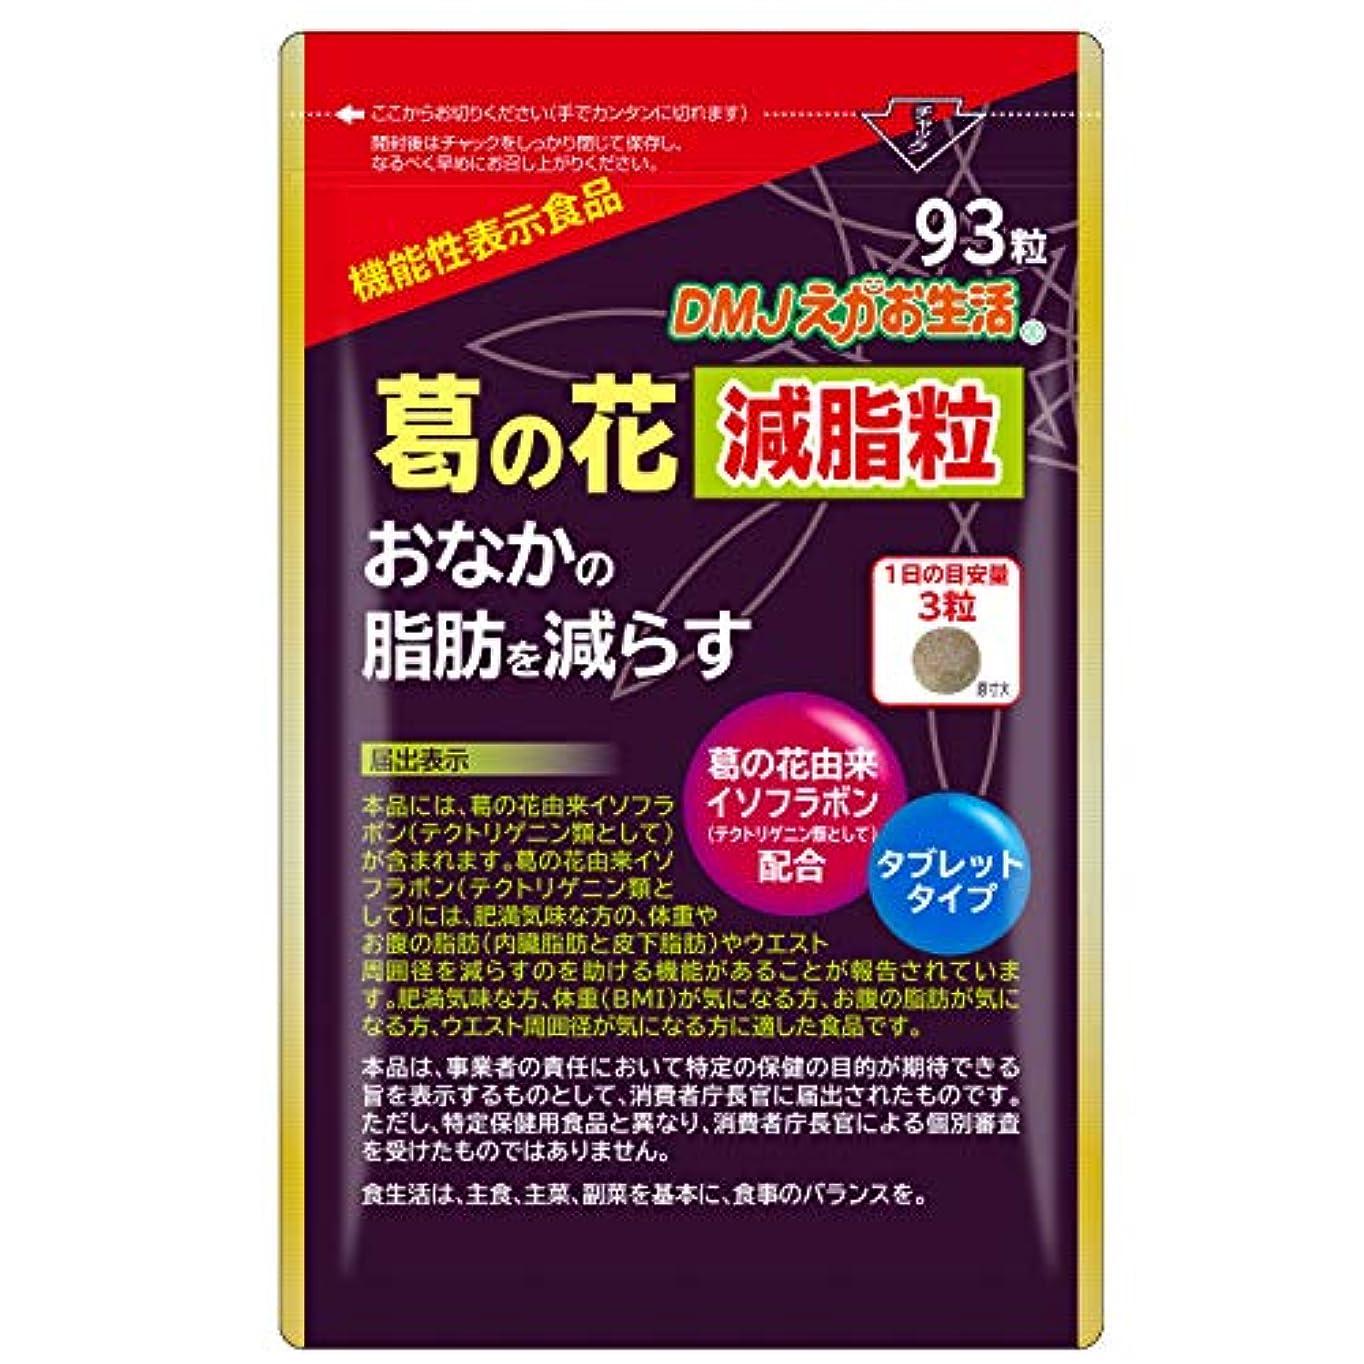 暴力無知スケジュール葛の花減脂粒 [体重ケア サプリメント/DMJえがお生活] 葛の花イソフラボン含有 内臓脂肪 (機能性表示食品) 肥満 日本製 31日分